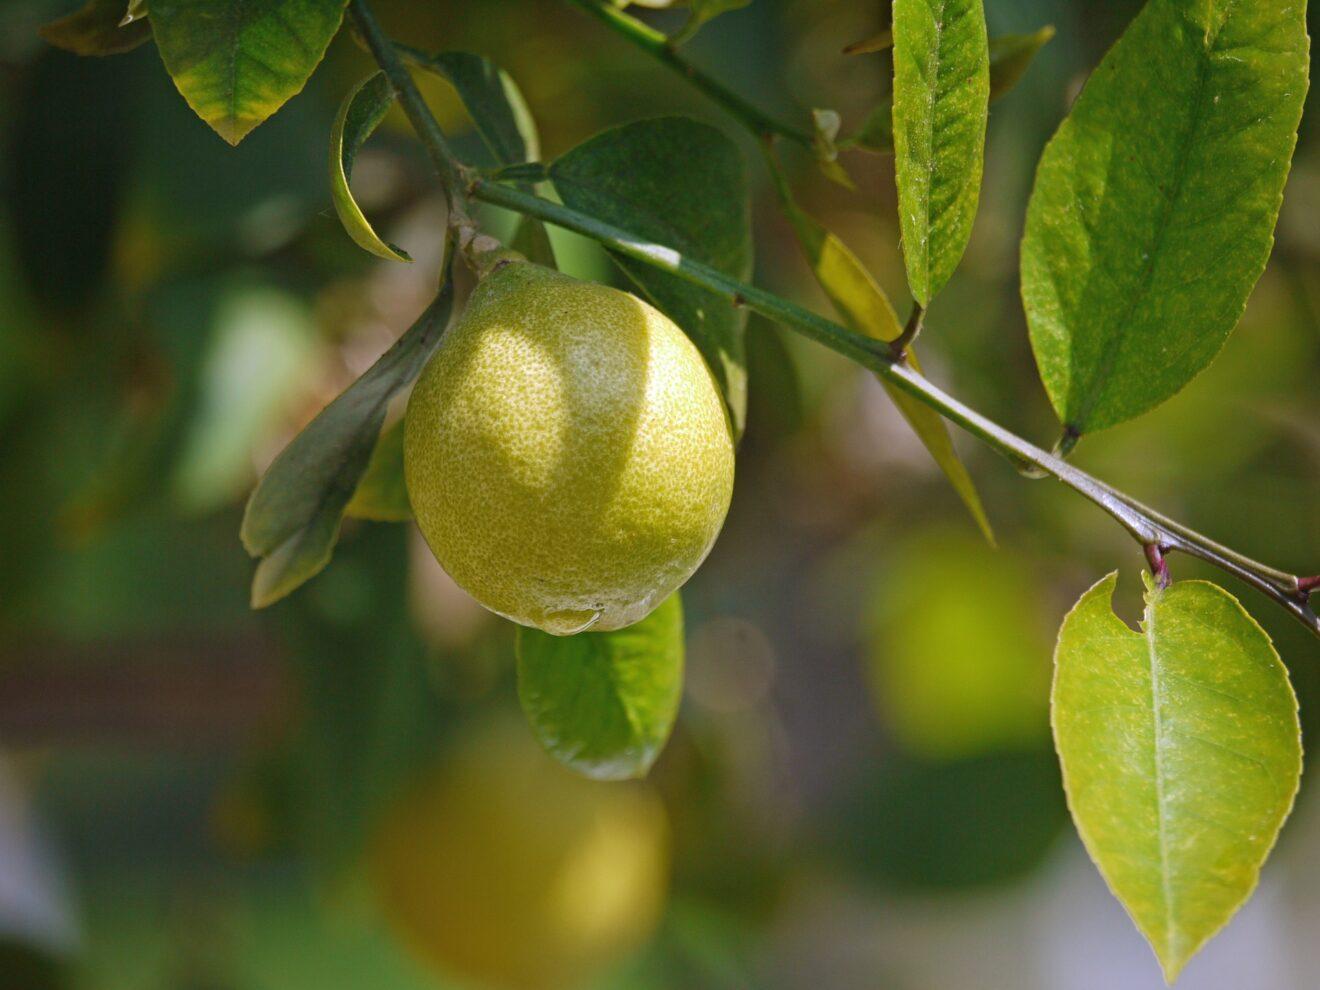 Le ferite, i limoni e la speranza